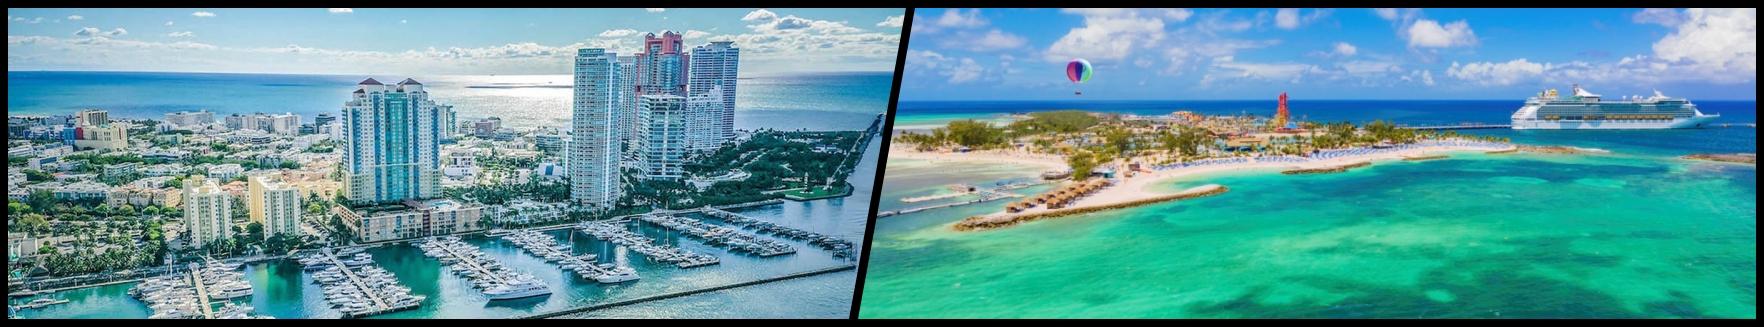 Miami - Bahamas